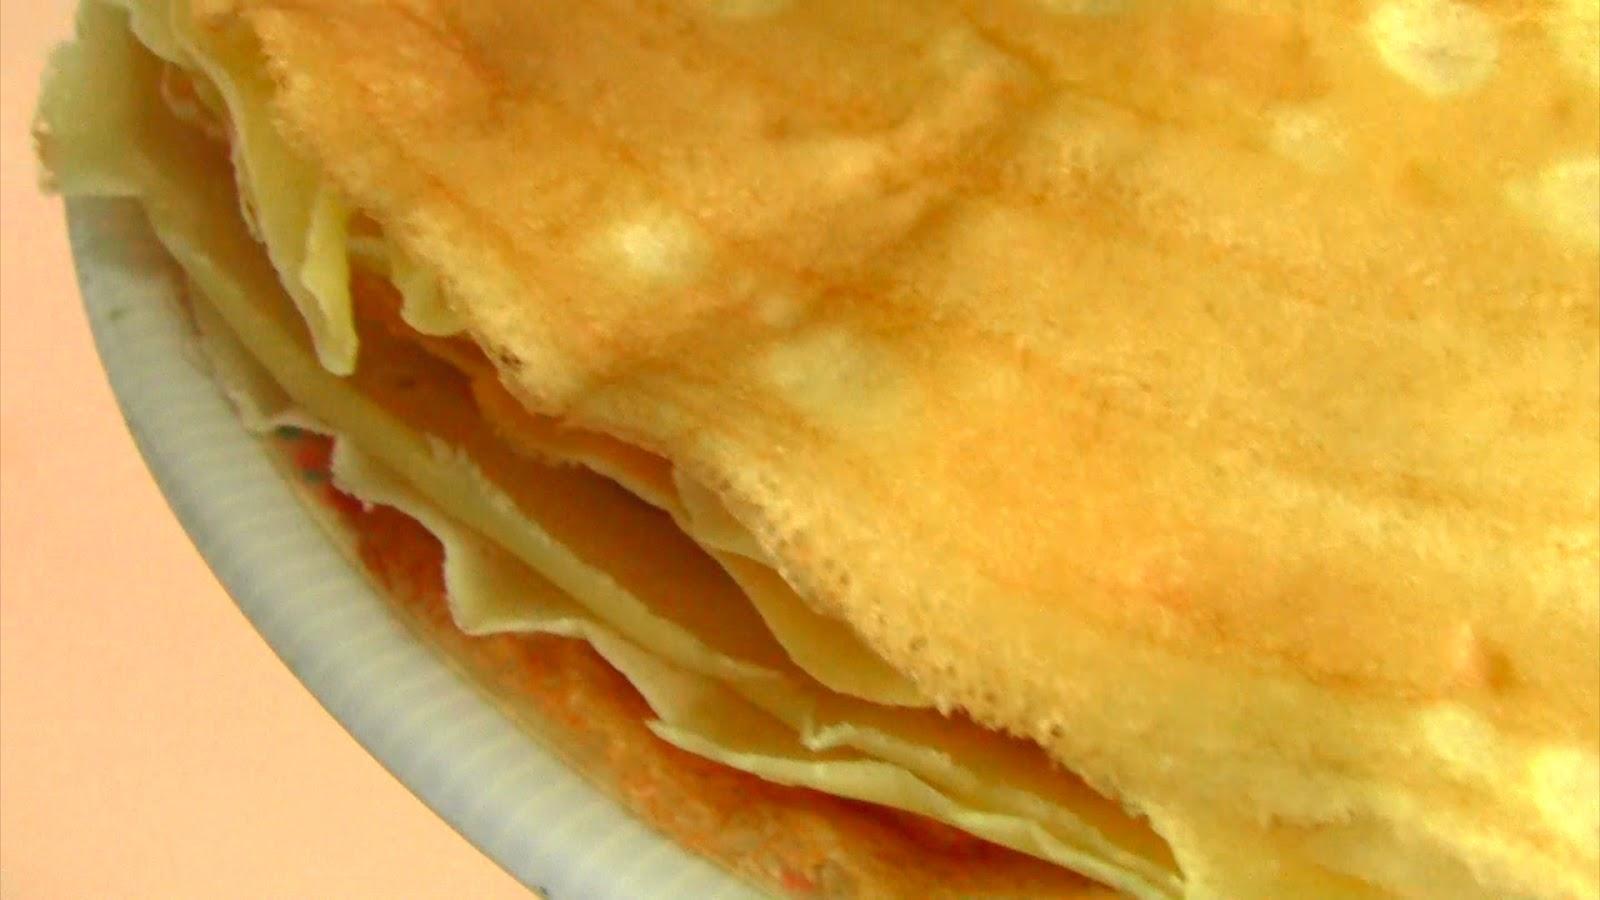 crepes basic crepes gateau de crepes banana crepes dessert crepes ...